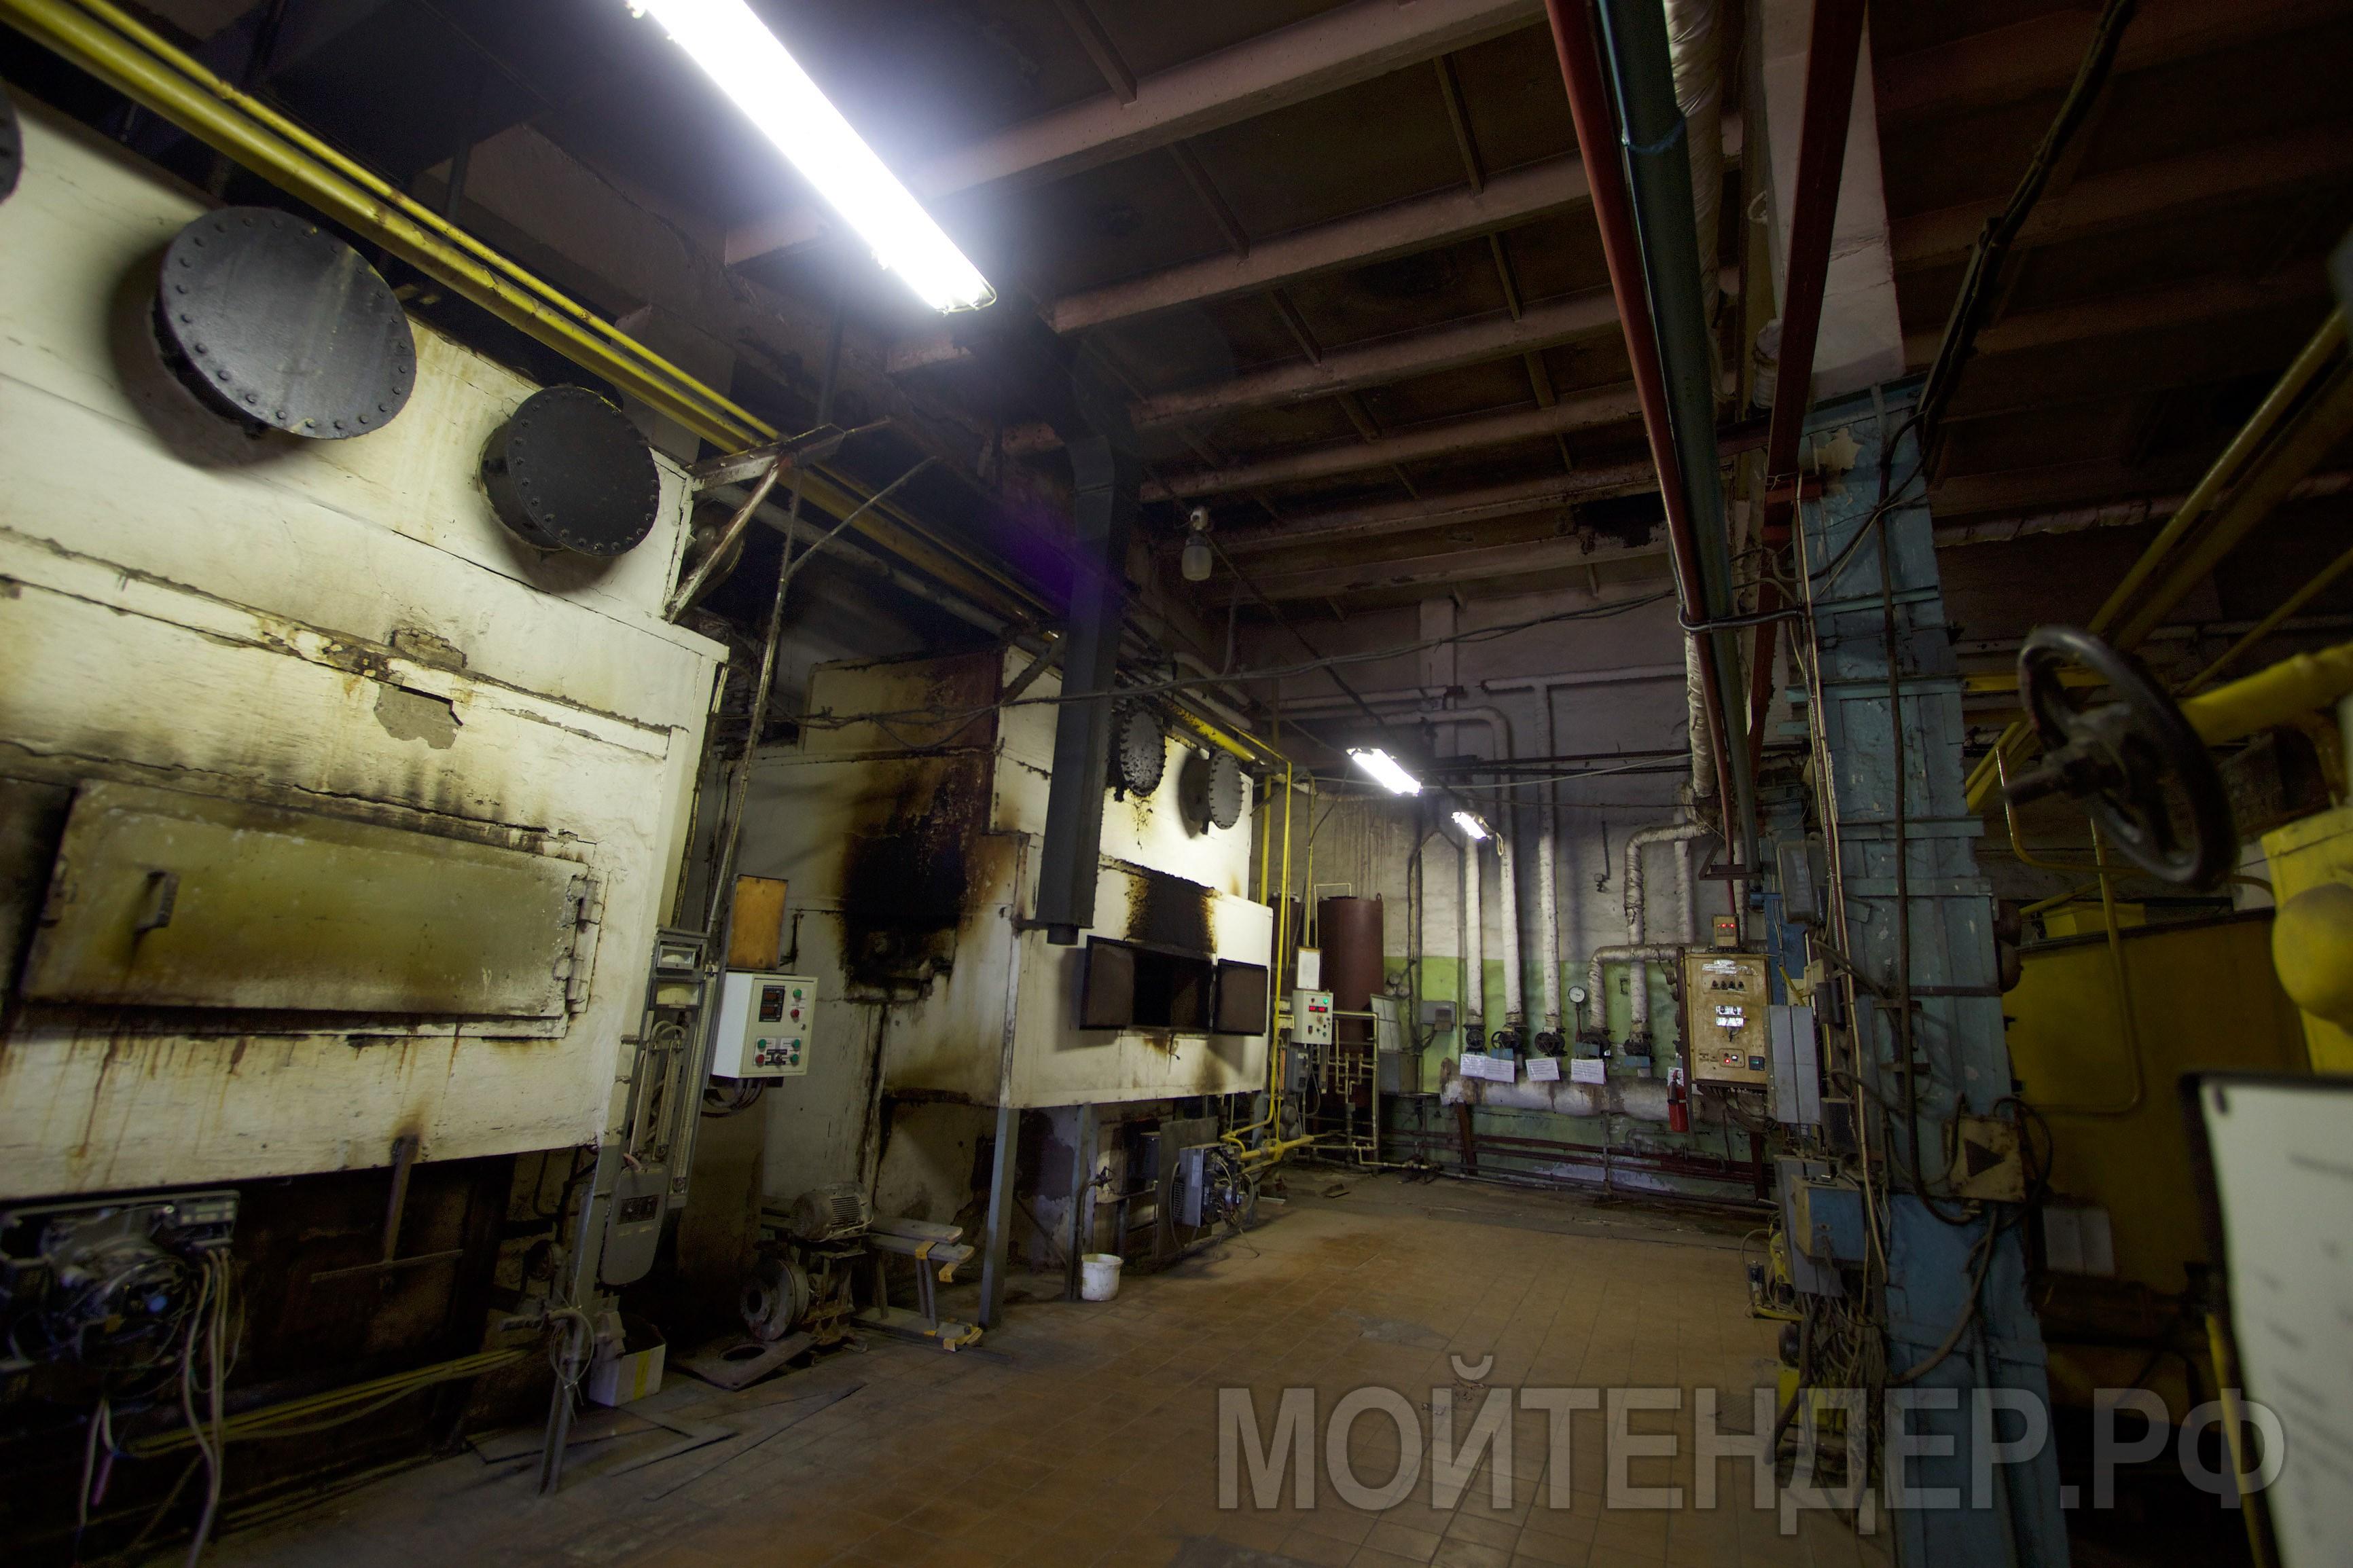 Мойтендер.рф-334-76-1732: Фото 4